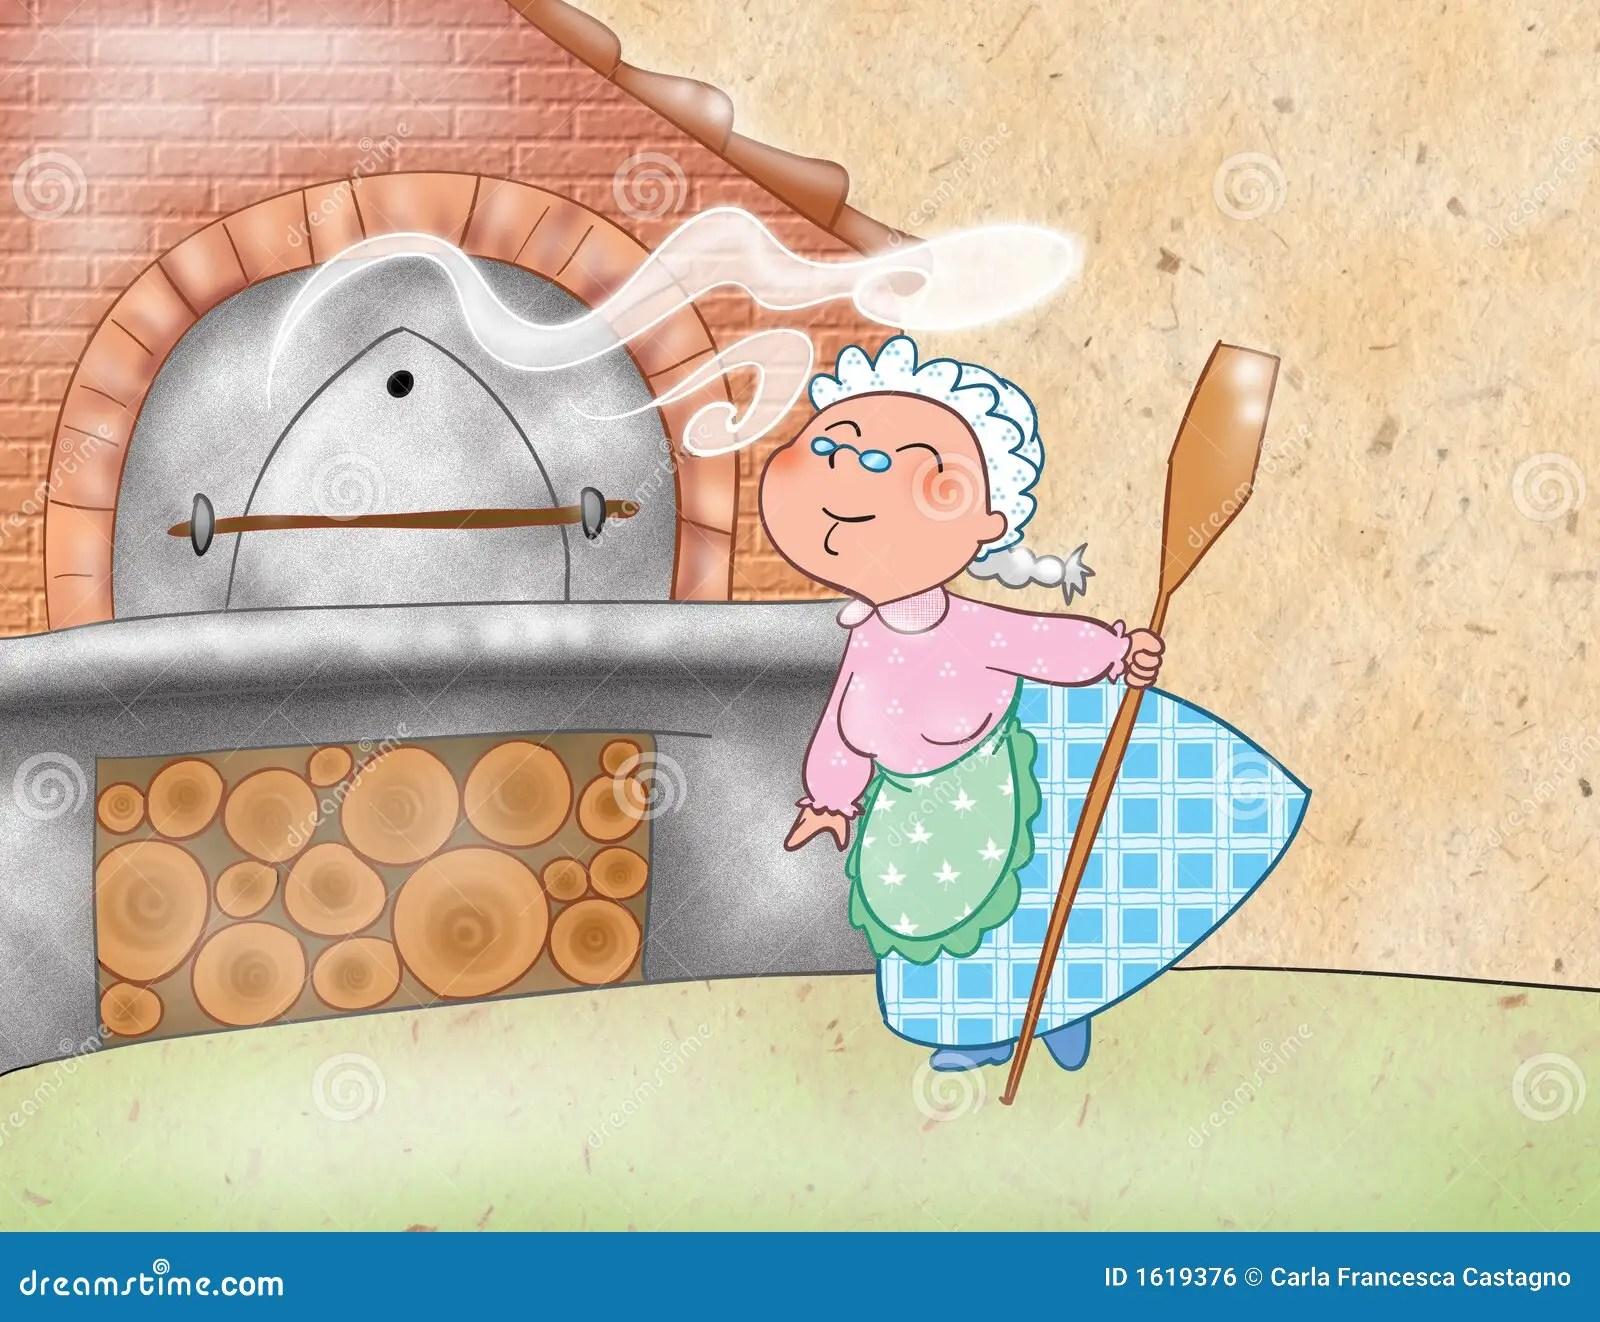 Mujer Que Cocina Con Un Horno Maderaardiendo Stock de ilustracin  Ilustracin de sabroso ilustracin 1619376